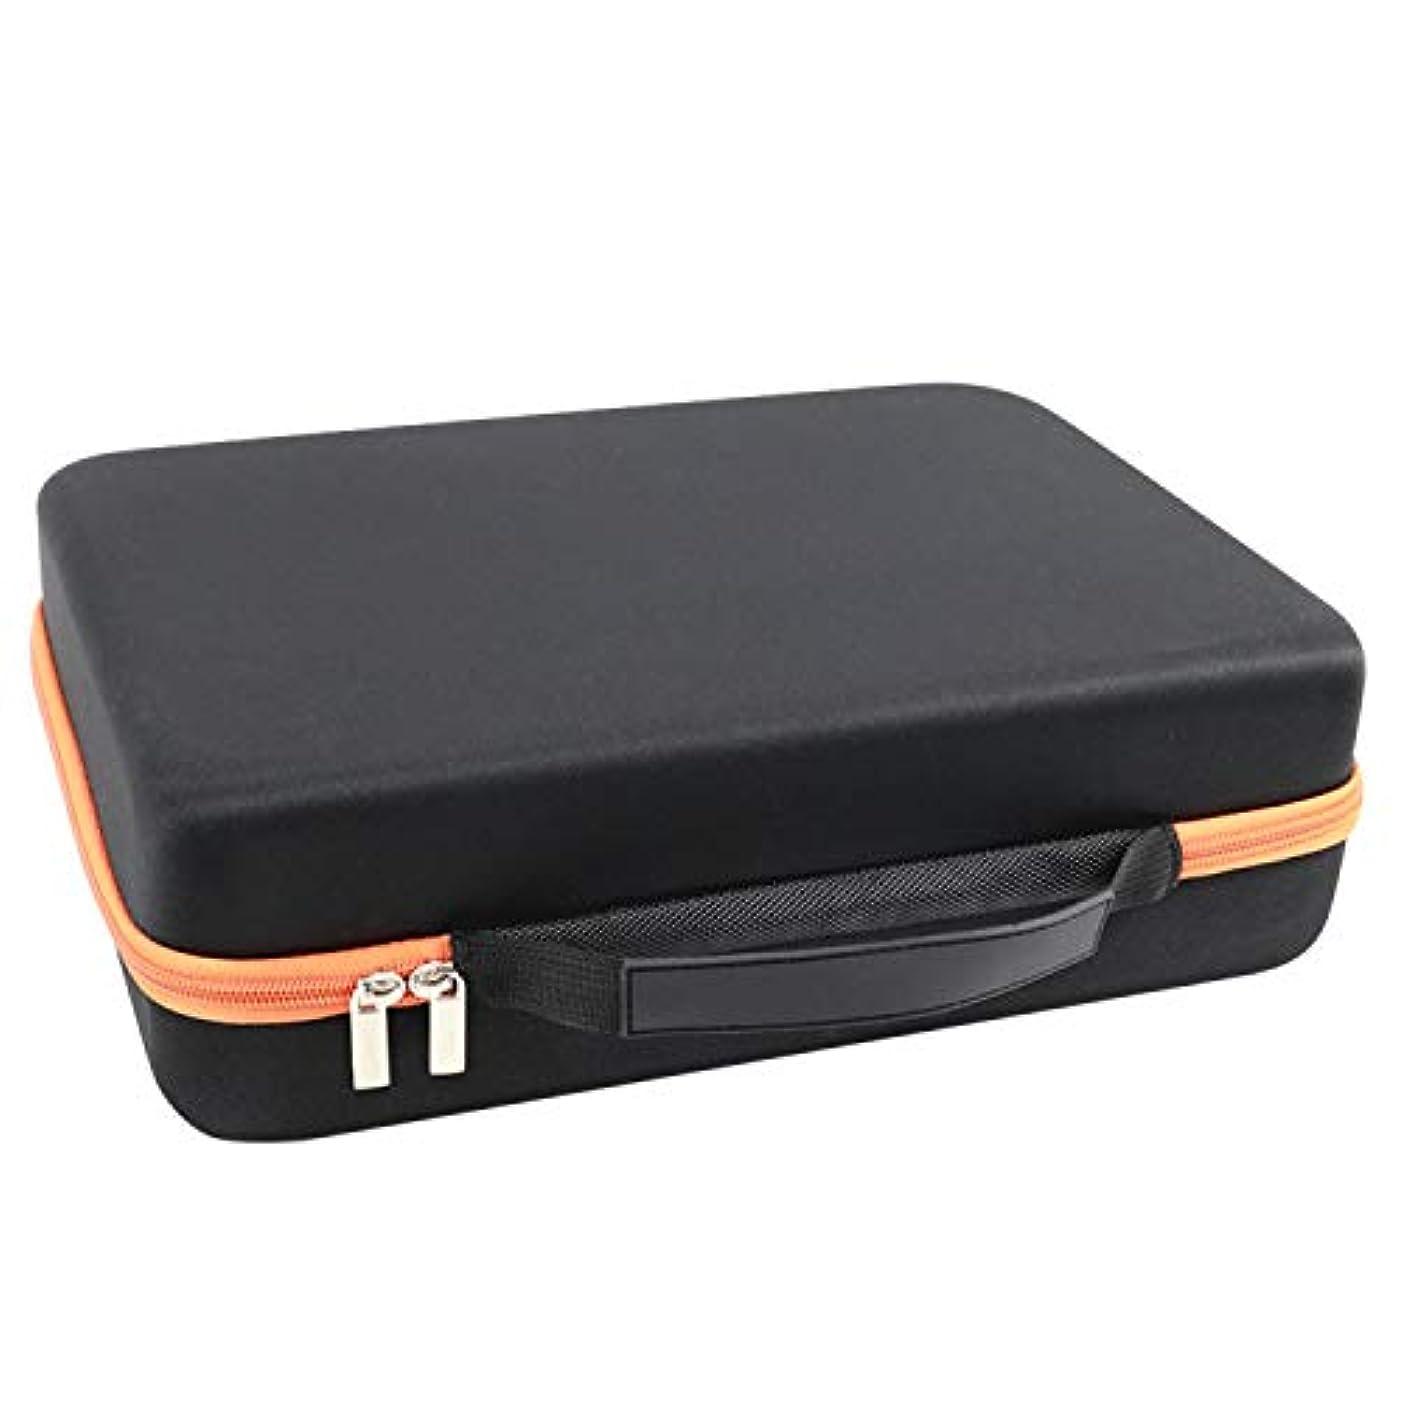 チェリー分散弁護士Migavan 70グリッド15ミリリットルエッセンシャルオイル ケース 携帯用 アロマケース メイクポーチ 精油ケース 大容量 アロマセラピストポーチエッセンシャルオイルトラベルケース